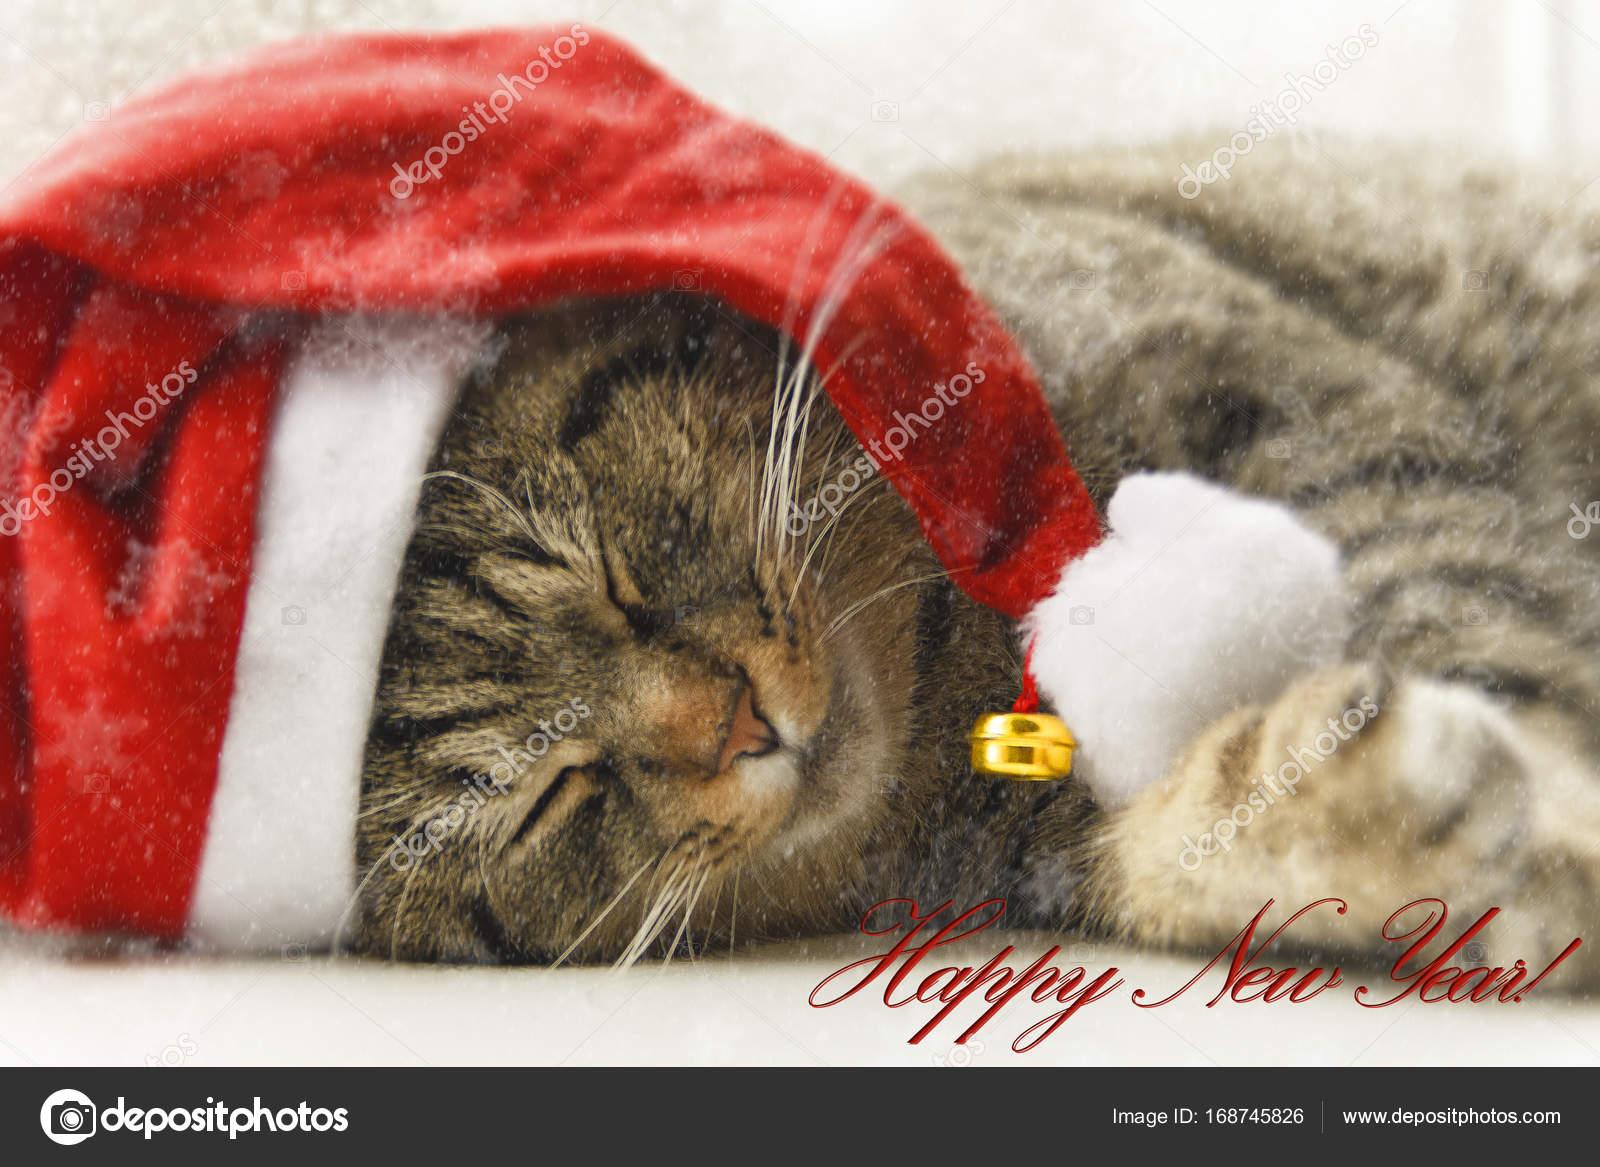 Joli chat dans le chapeau du père Noël. Chat habillé du père